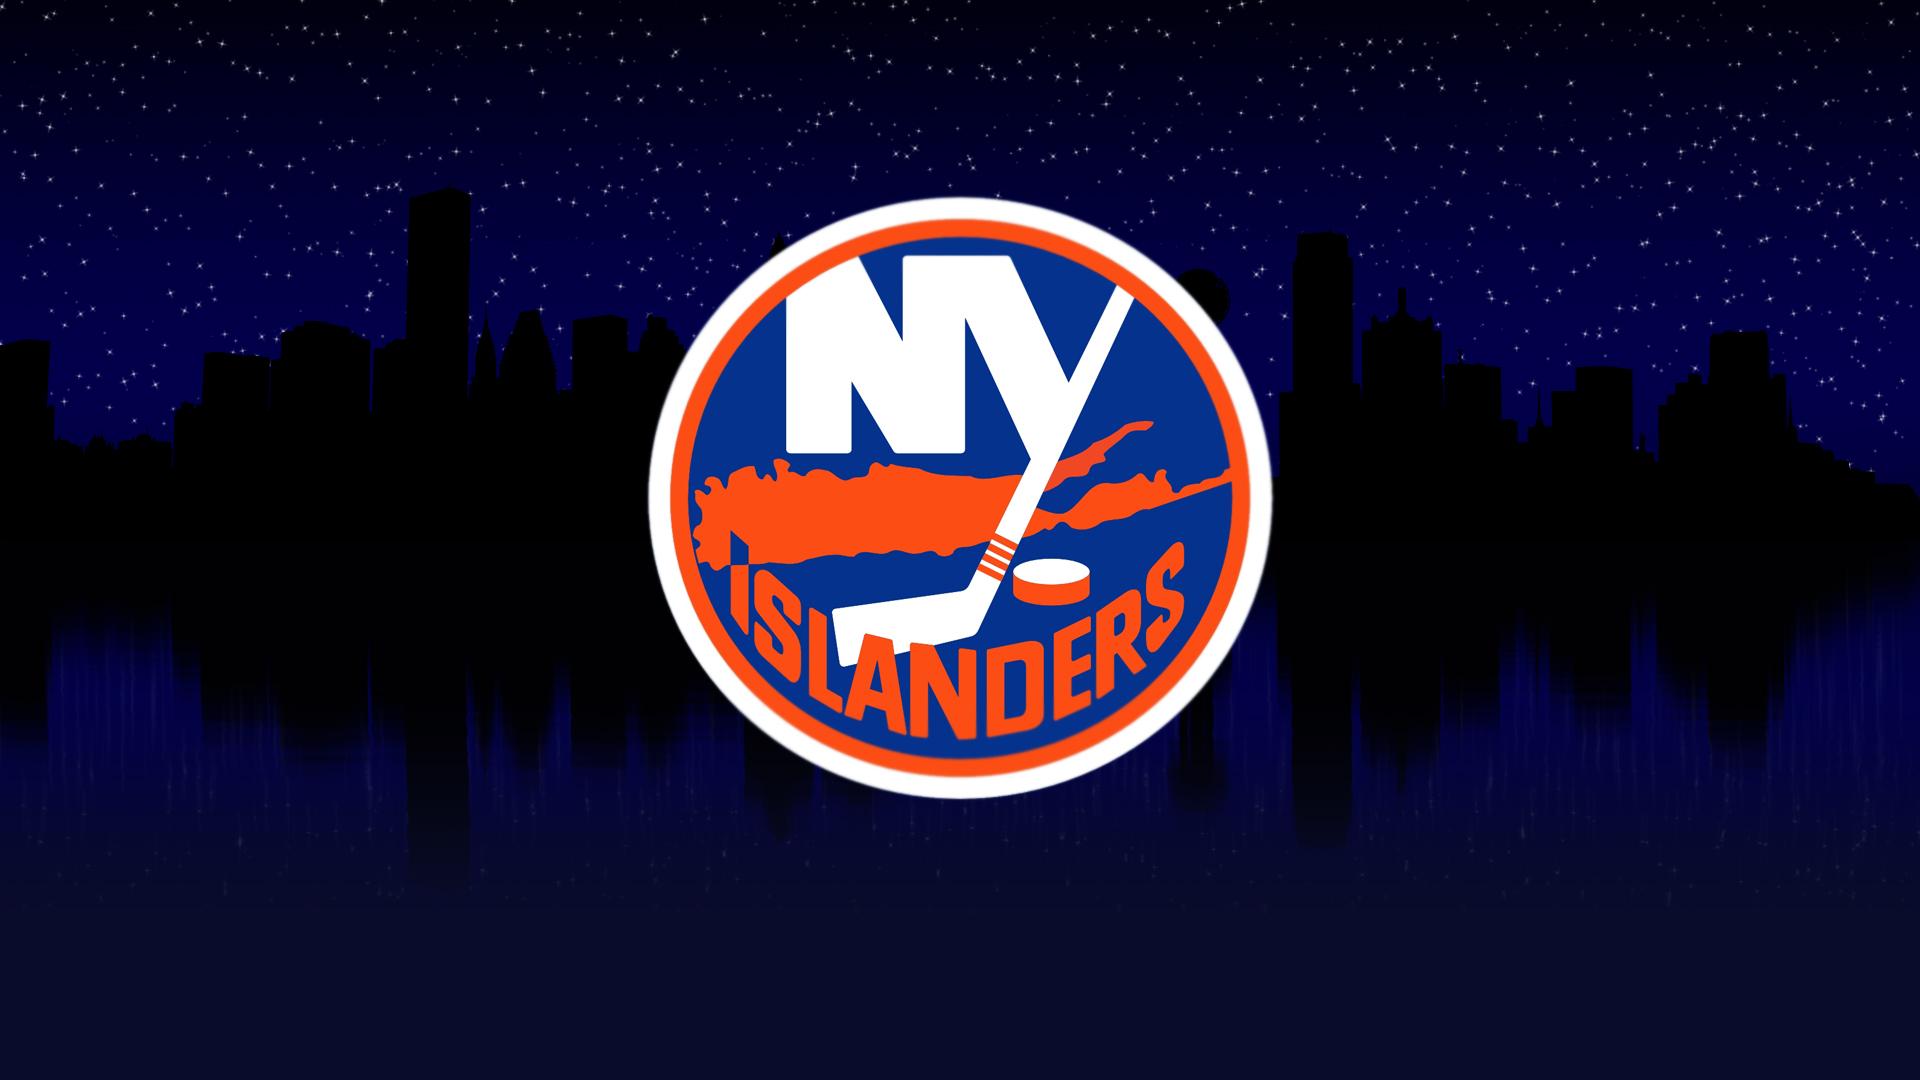 de New York Islanders Fondos de pantalla de New York Islanders 1920x1080